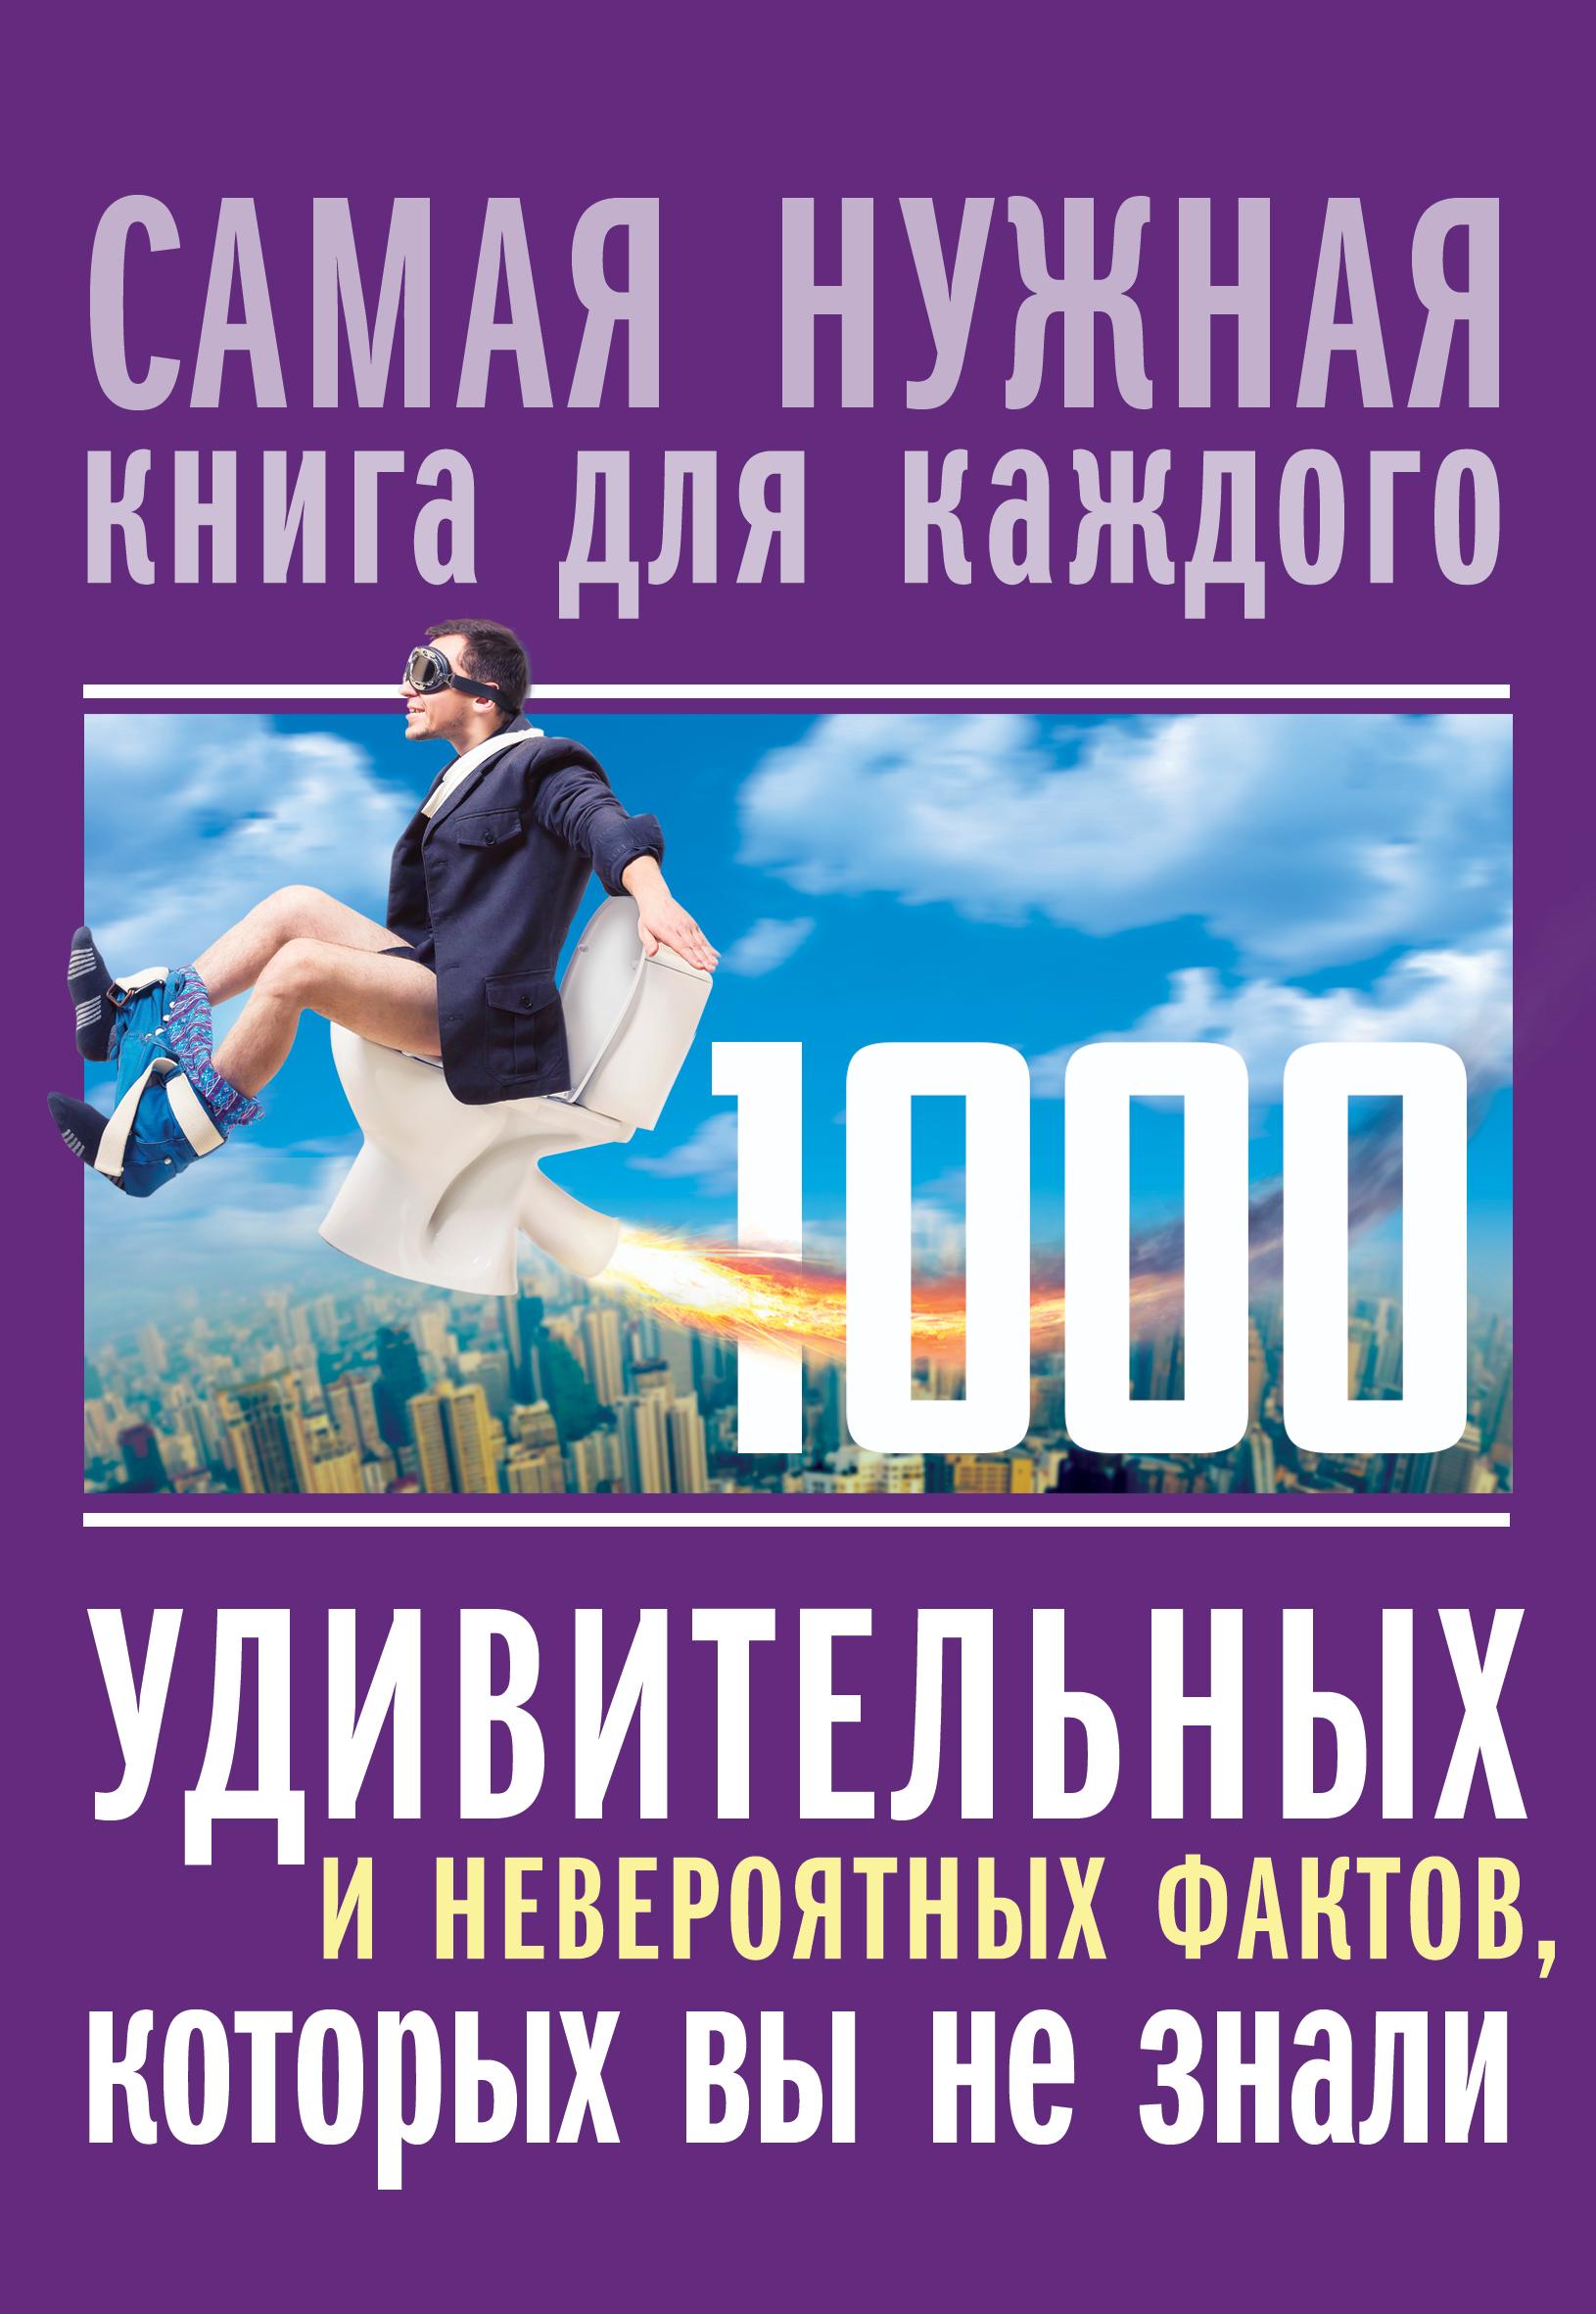 Кремер Л.В. 1000 удивительных и невероятных фактов, которых вы не знали фалкирк м самая нескучная книга для самых скучных мест 1000 удивительных фактов о которых вы не знали